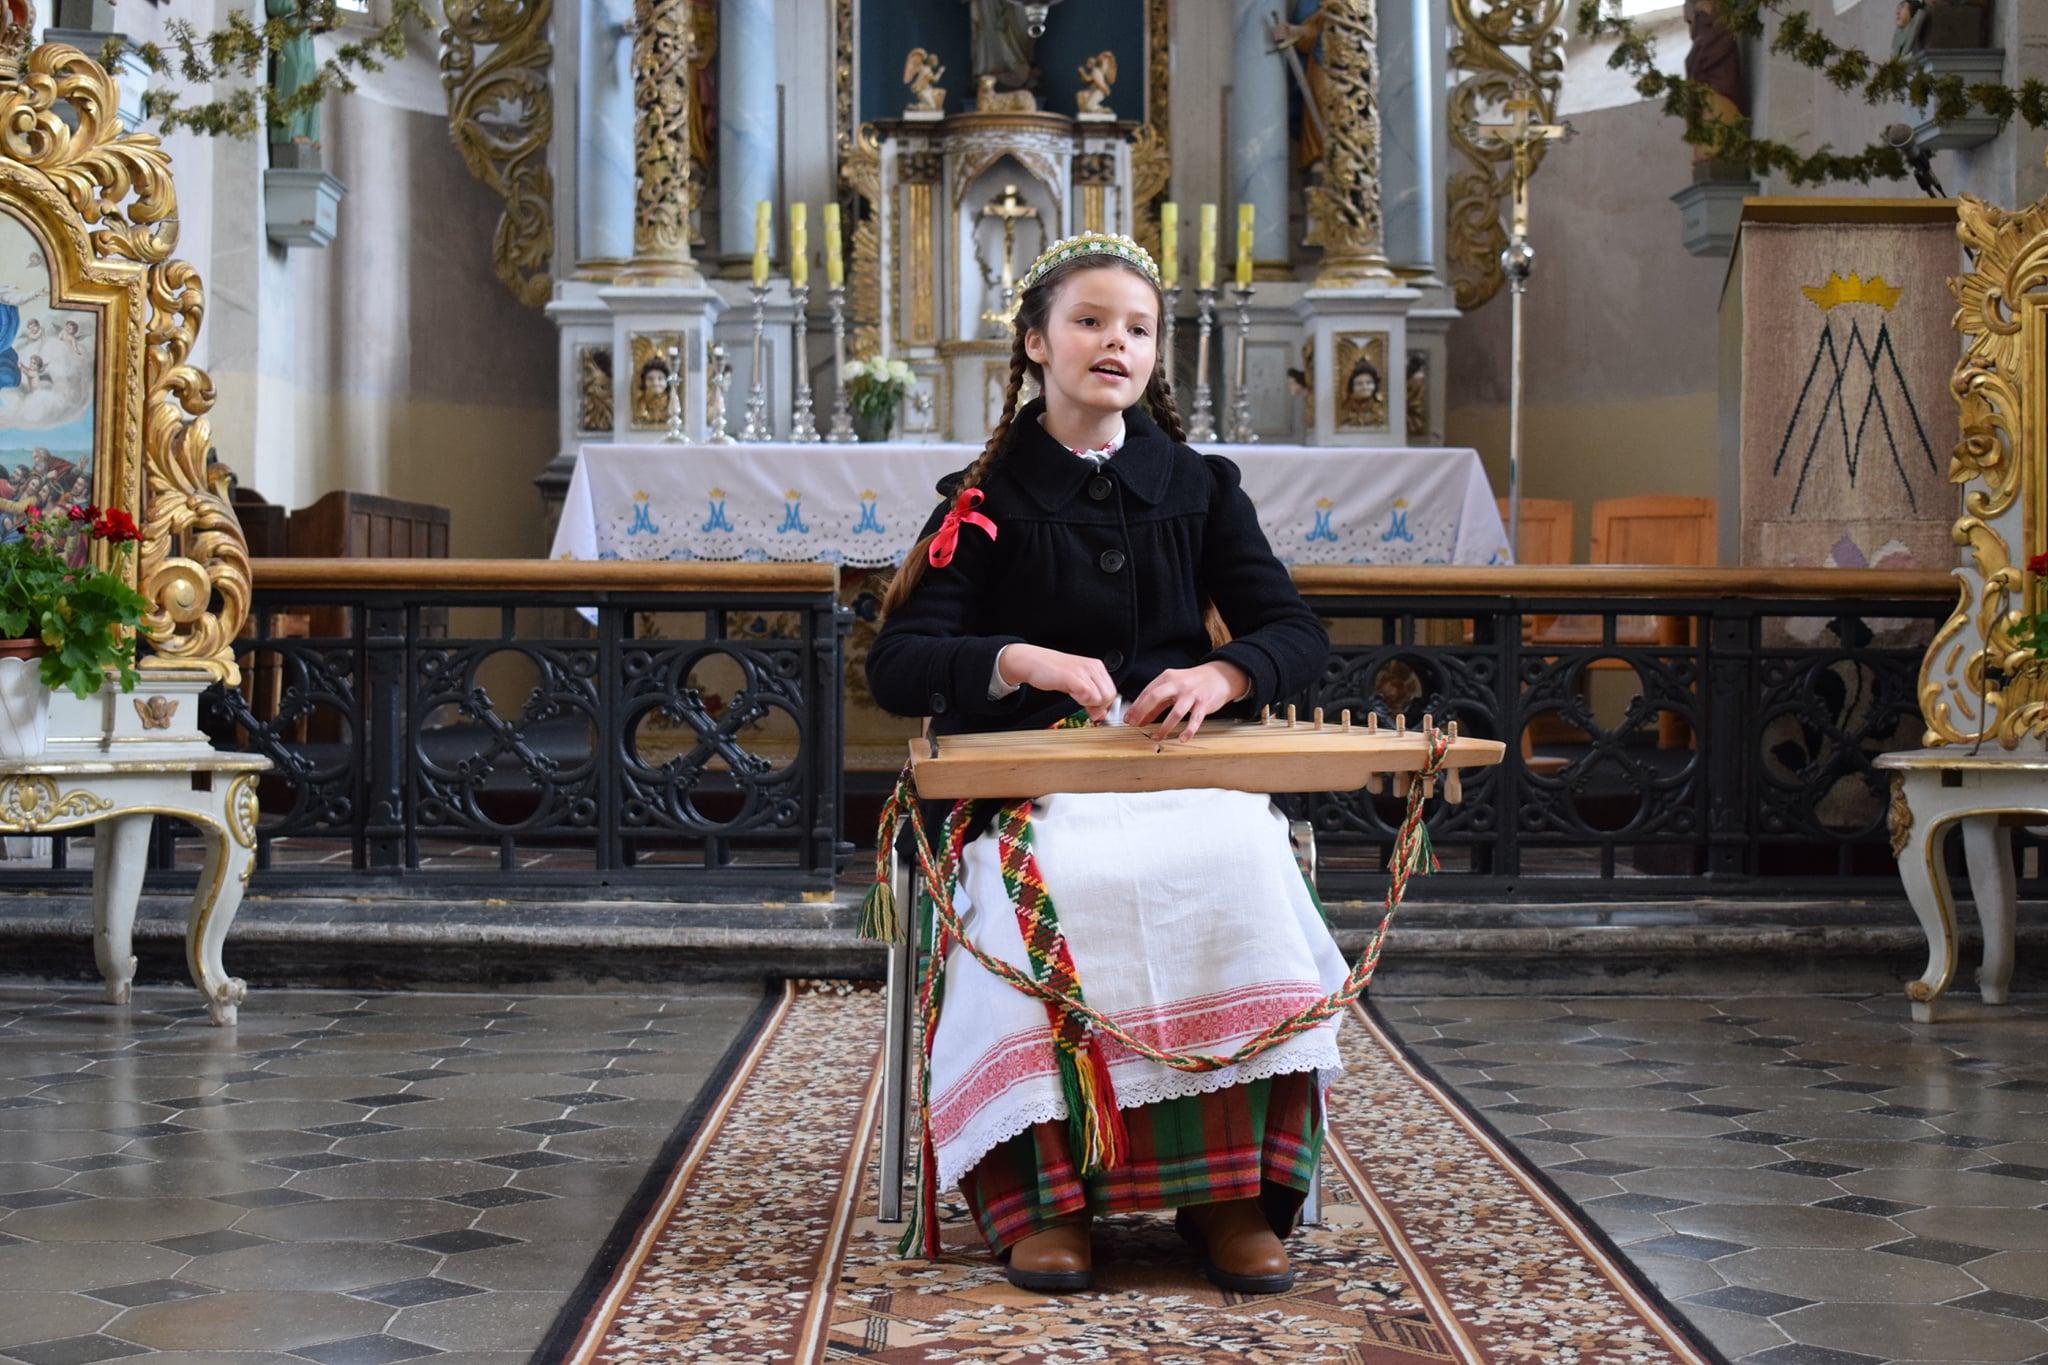 Kauno I-osios muzikos mokyklos solistė Gustė Balniūtė, mokytoja Laimutė Stasė Proškutė | rengėjų nuotr.